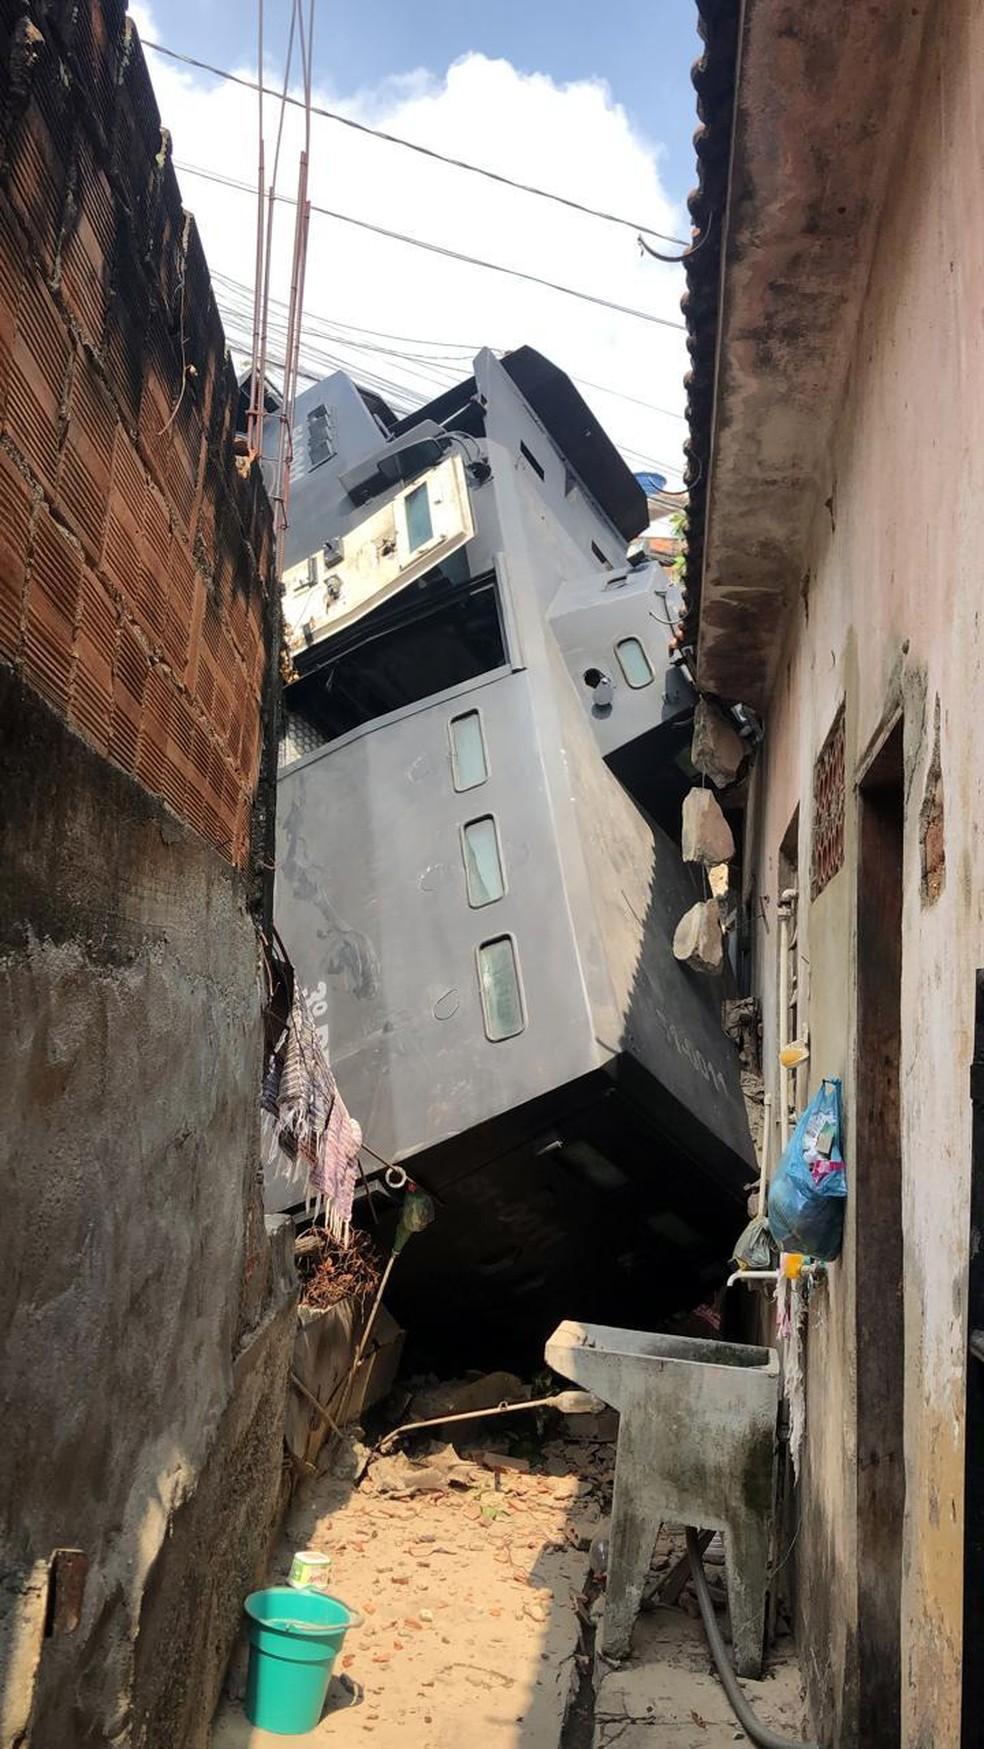 Caveirão cai de ribanceira no Morro do Urubu, na Zona Norte do Rio — Foto: Reprodução/TV Globo